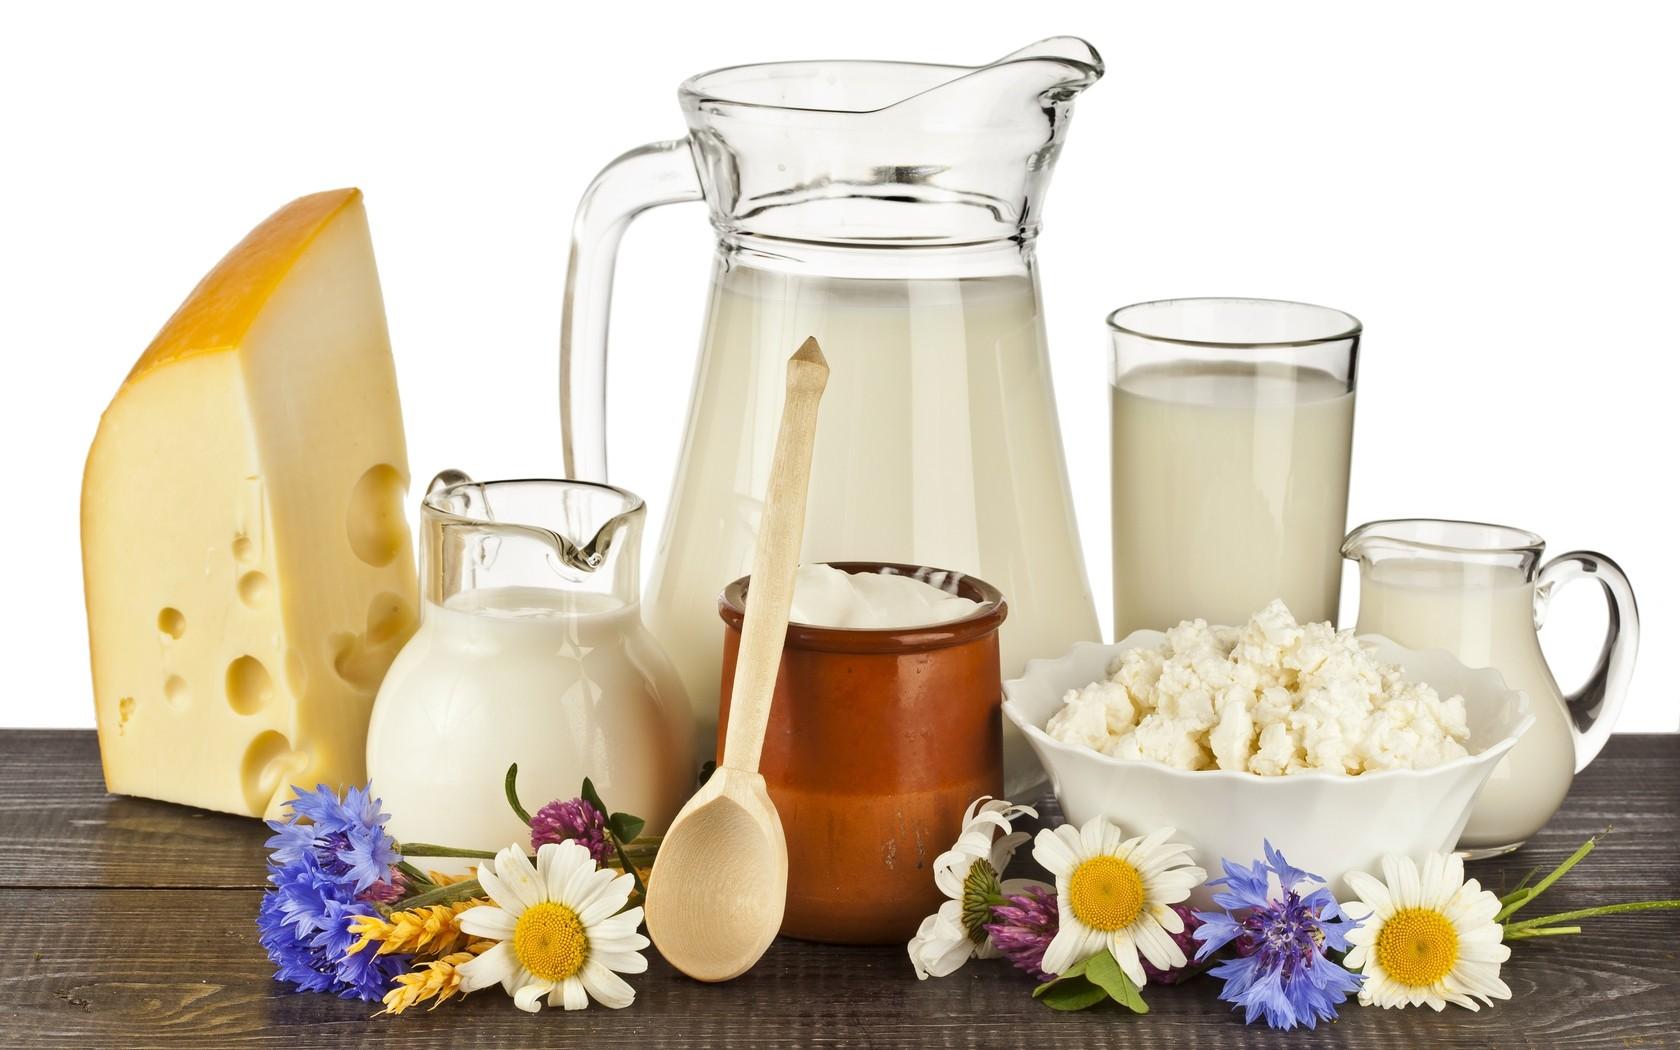 Chất nhũ hóa sử dụng trong sản xuất sữa, bơ